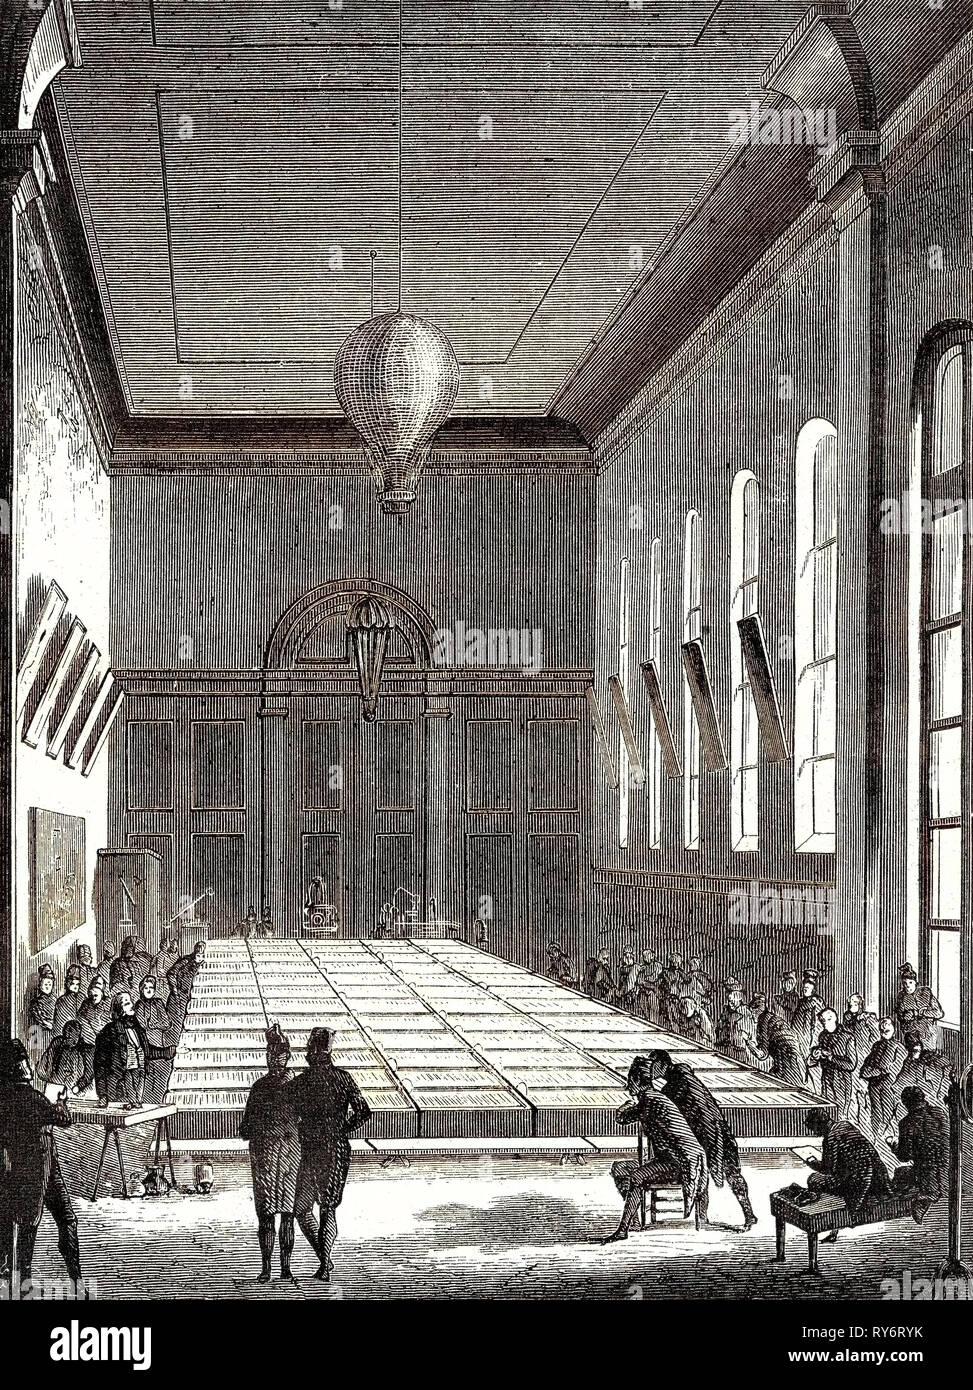 La grande batteria dell'École Polytechnique costruito nel 1813 su richiesta di Napoleone I Immagini Stock